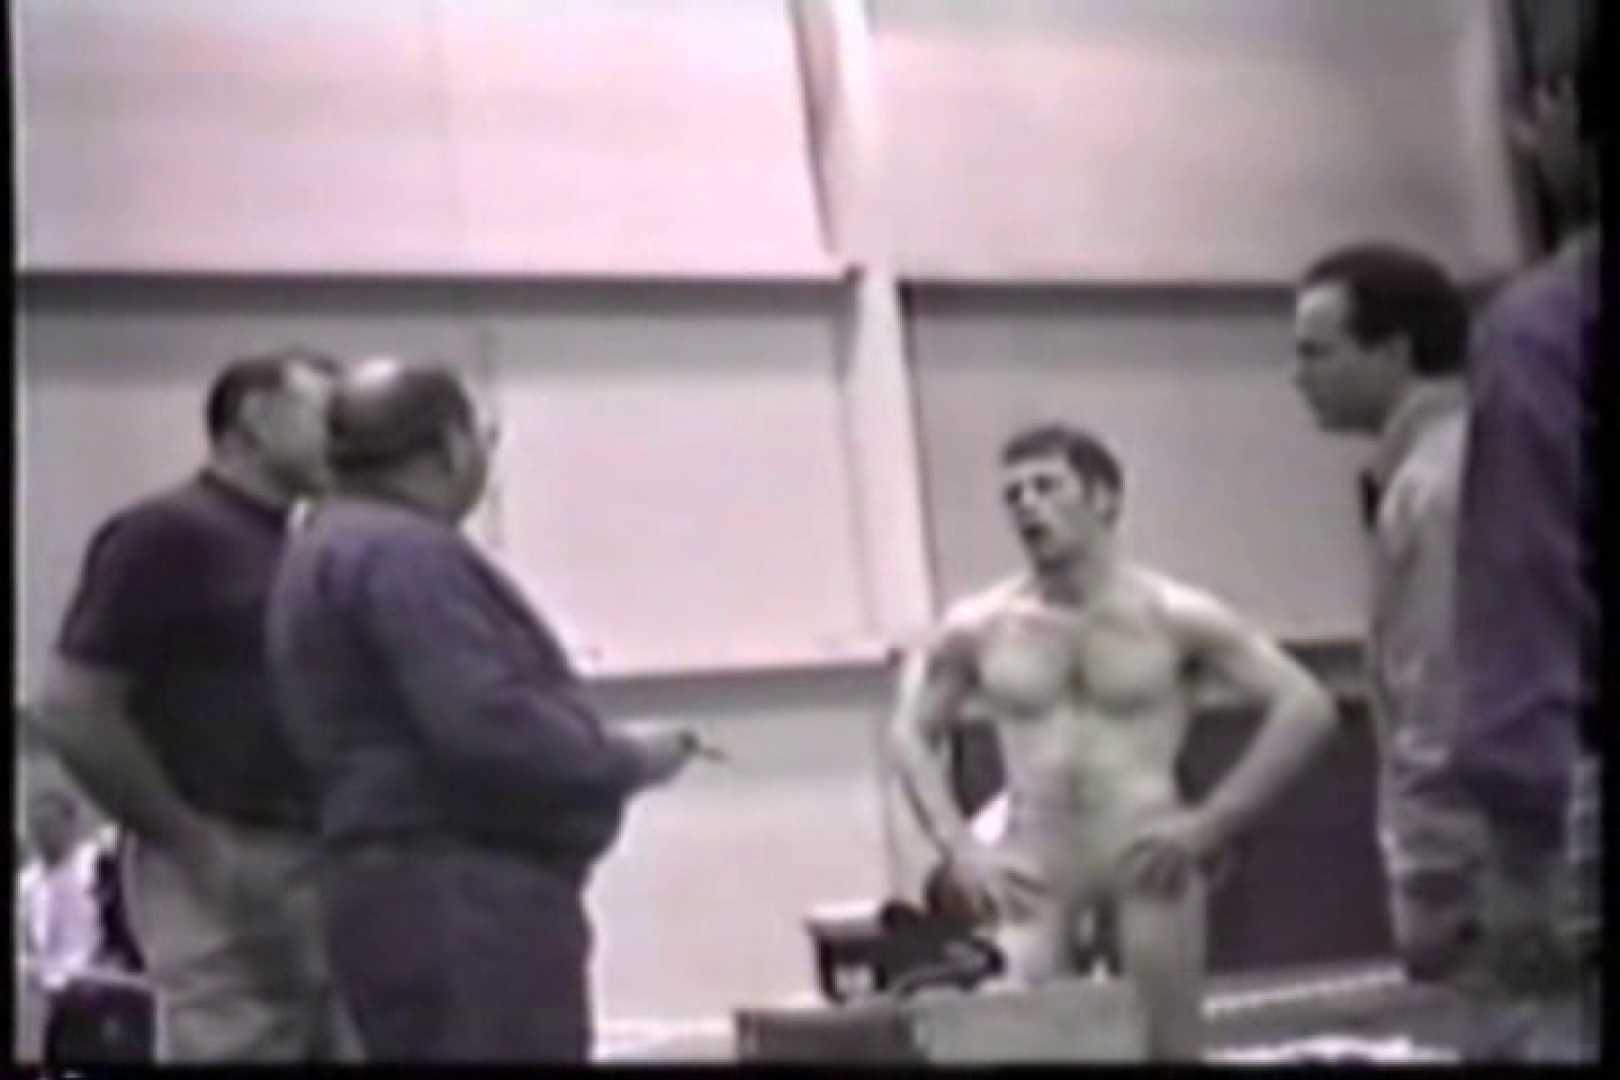 洋人さんの脱衣所を覗いてみました。VOL.6 ガチムチマッチョ系男子 ゲイ精子画像 102枚 75